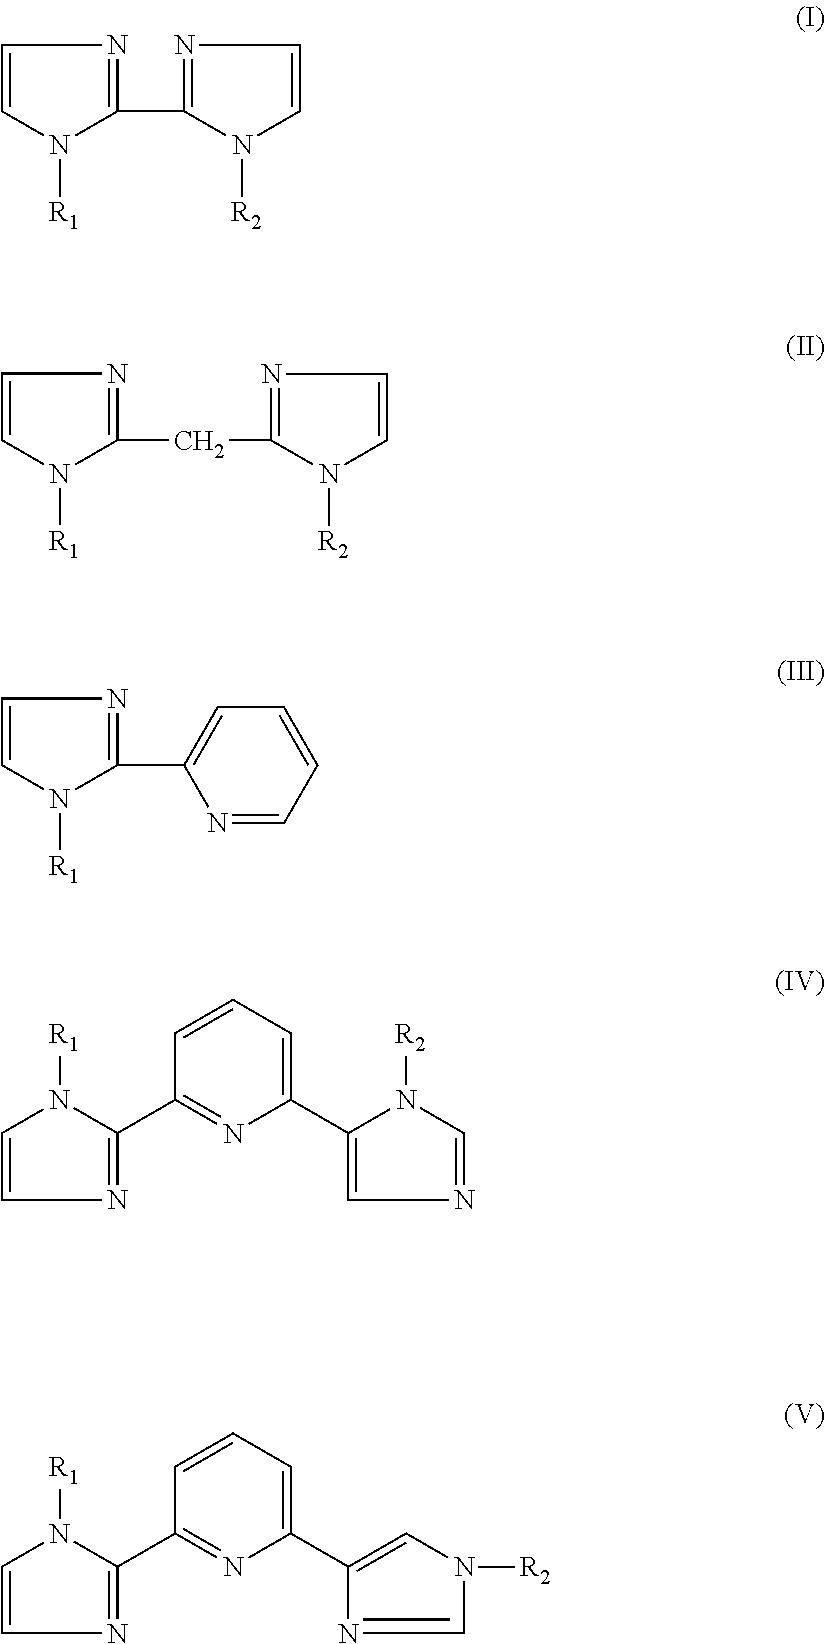 Figure US20100018873A1-20100128-C00001